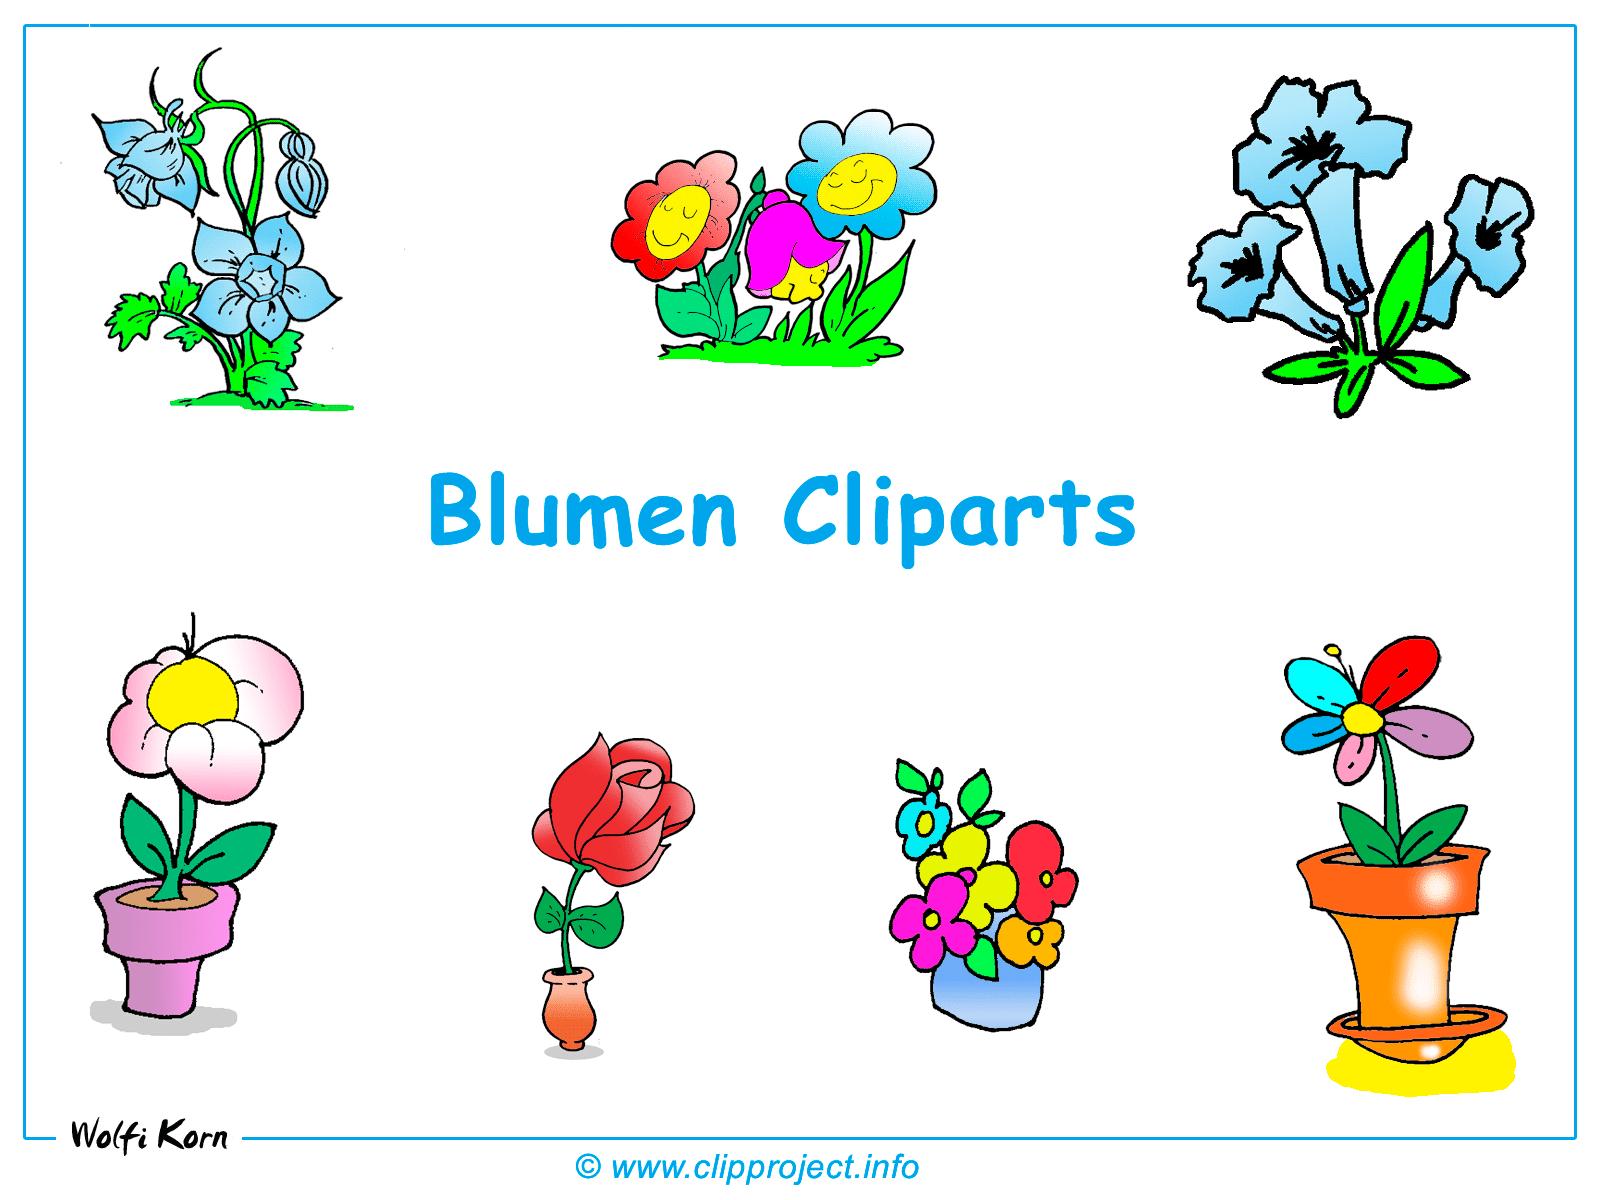 Clipart blumen geburtstag kostenlos 1 » Clipart Portal.